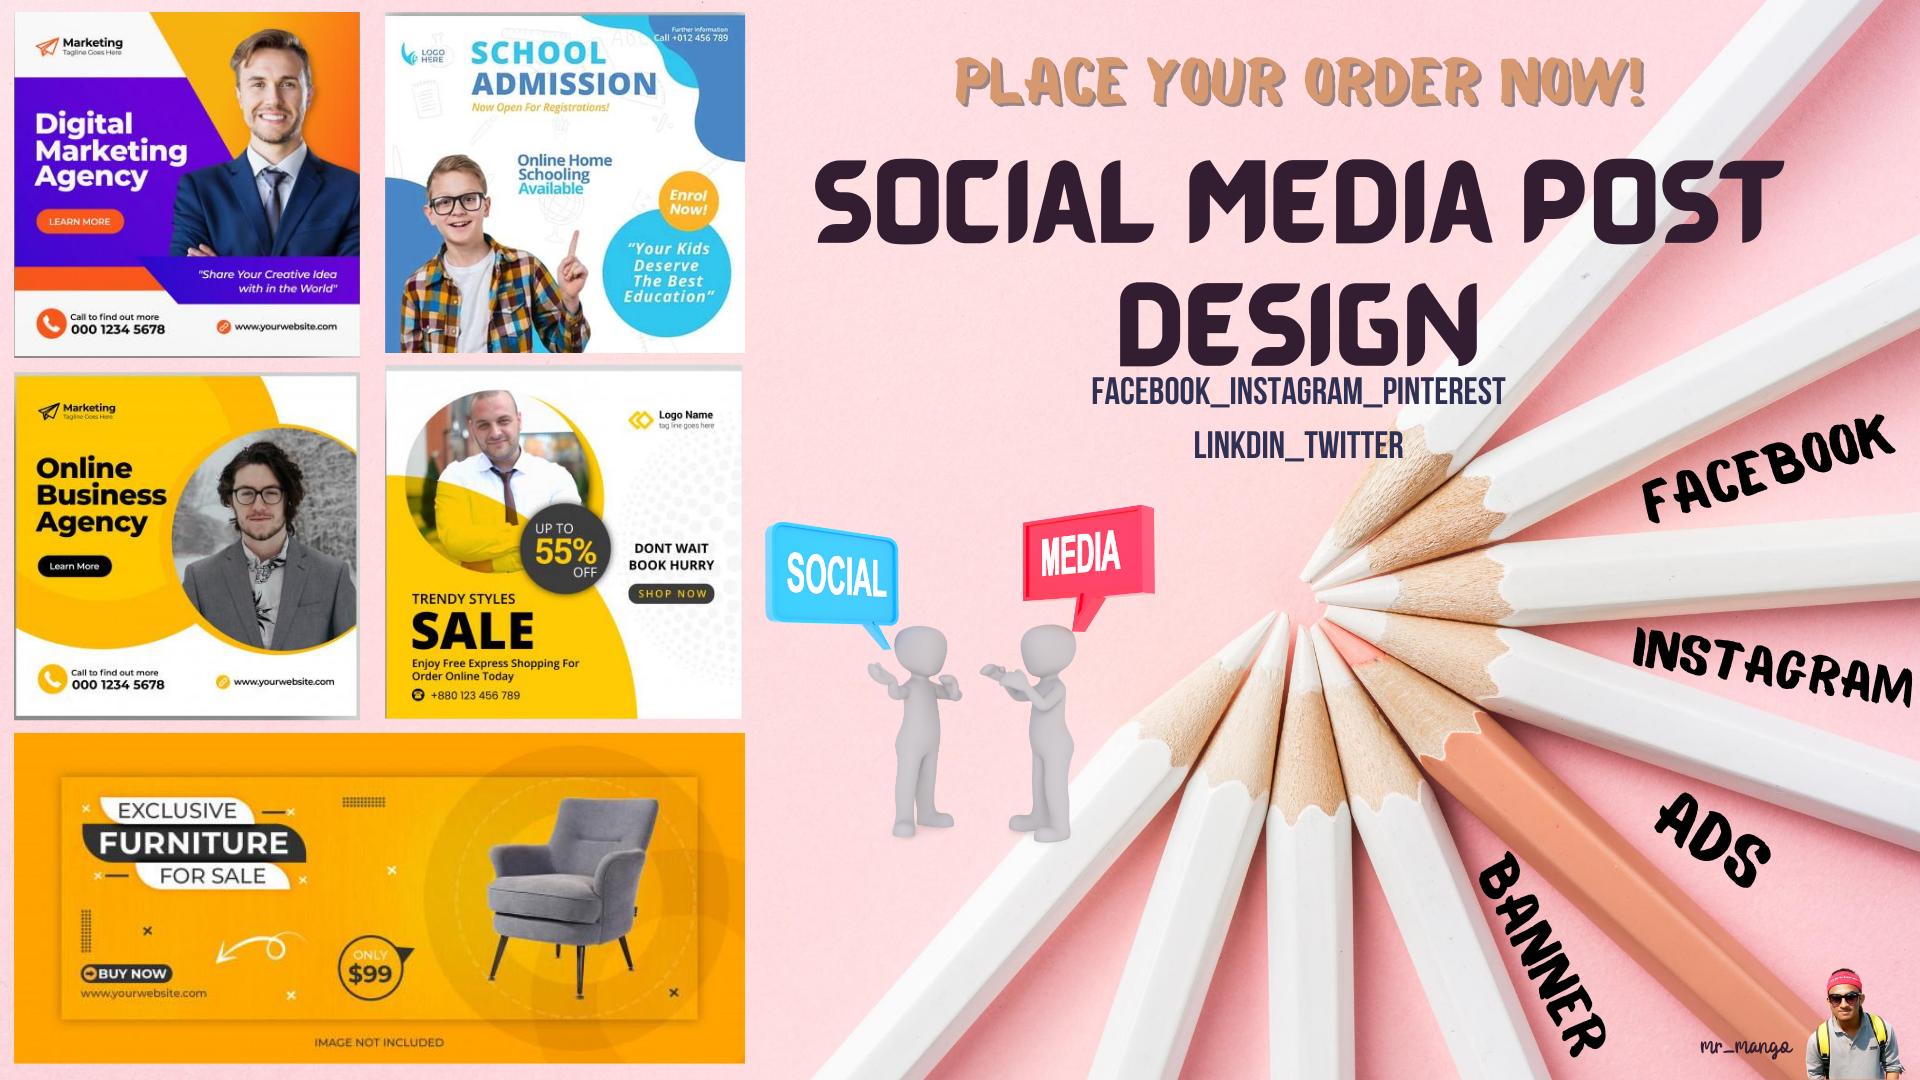 I will create unique social media ads design using canva pro & illustrator